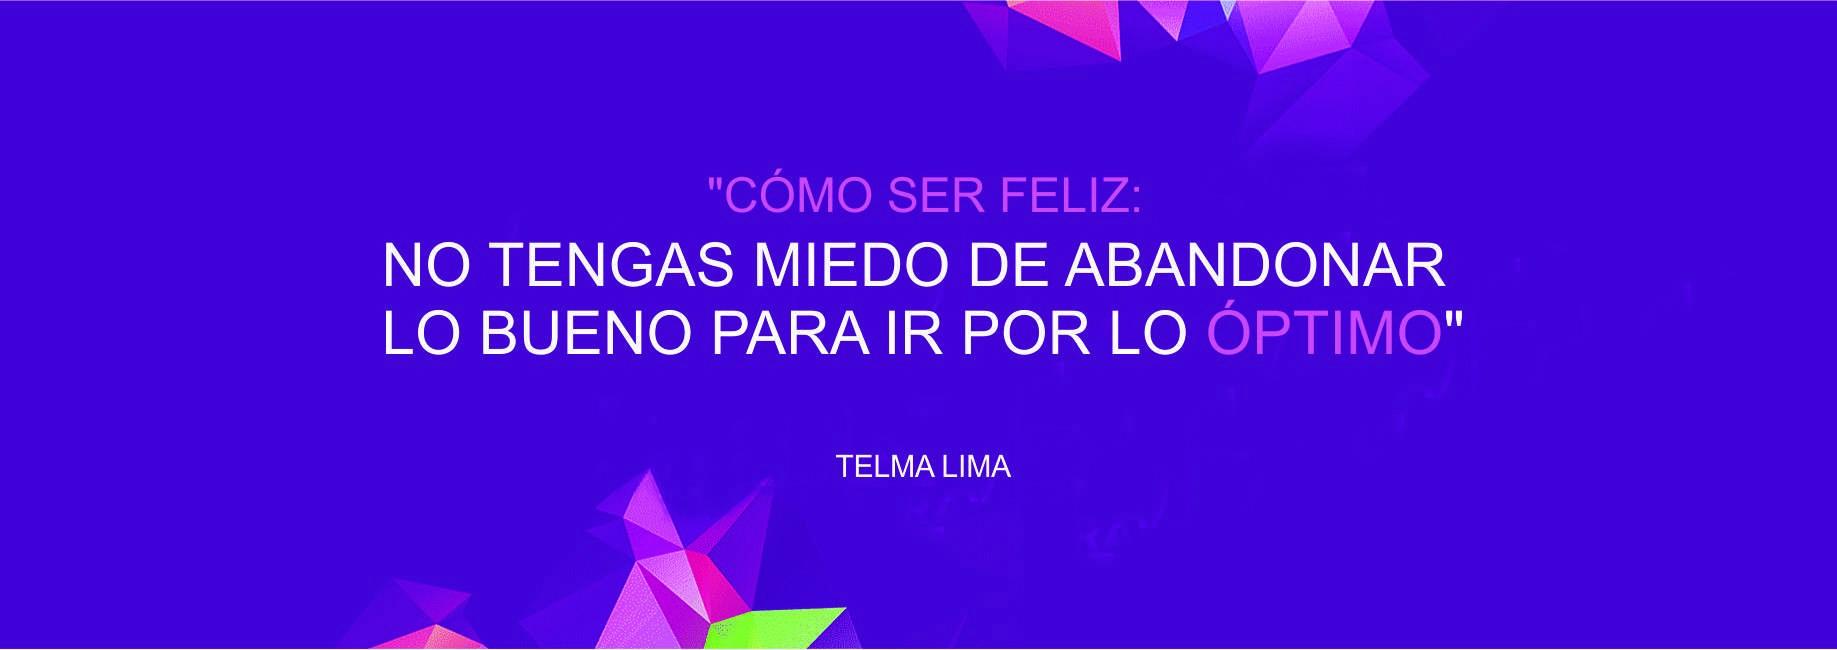 """Telma Lima: """"Cómo ser feliz: no tengas miedo de abandonar lo bueno para ir por lo óptimo"""""""